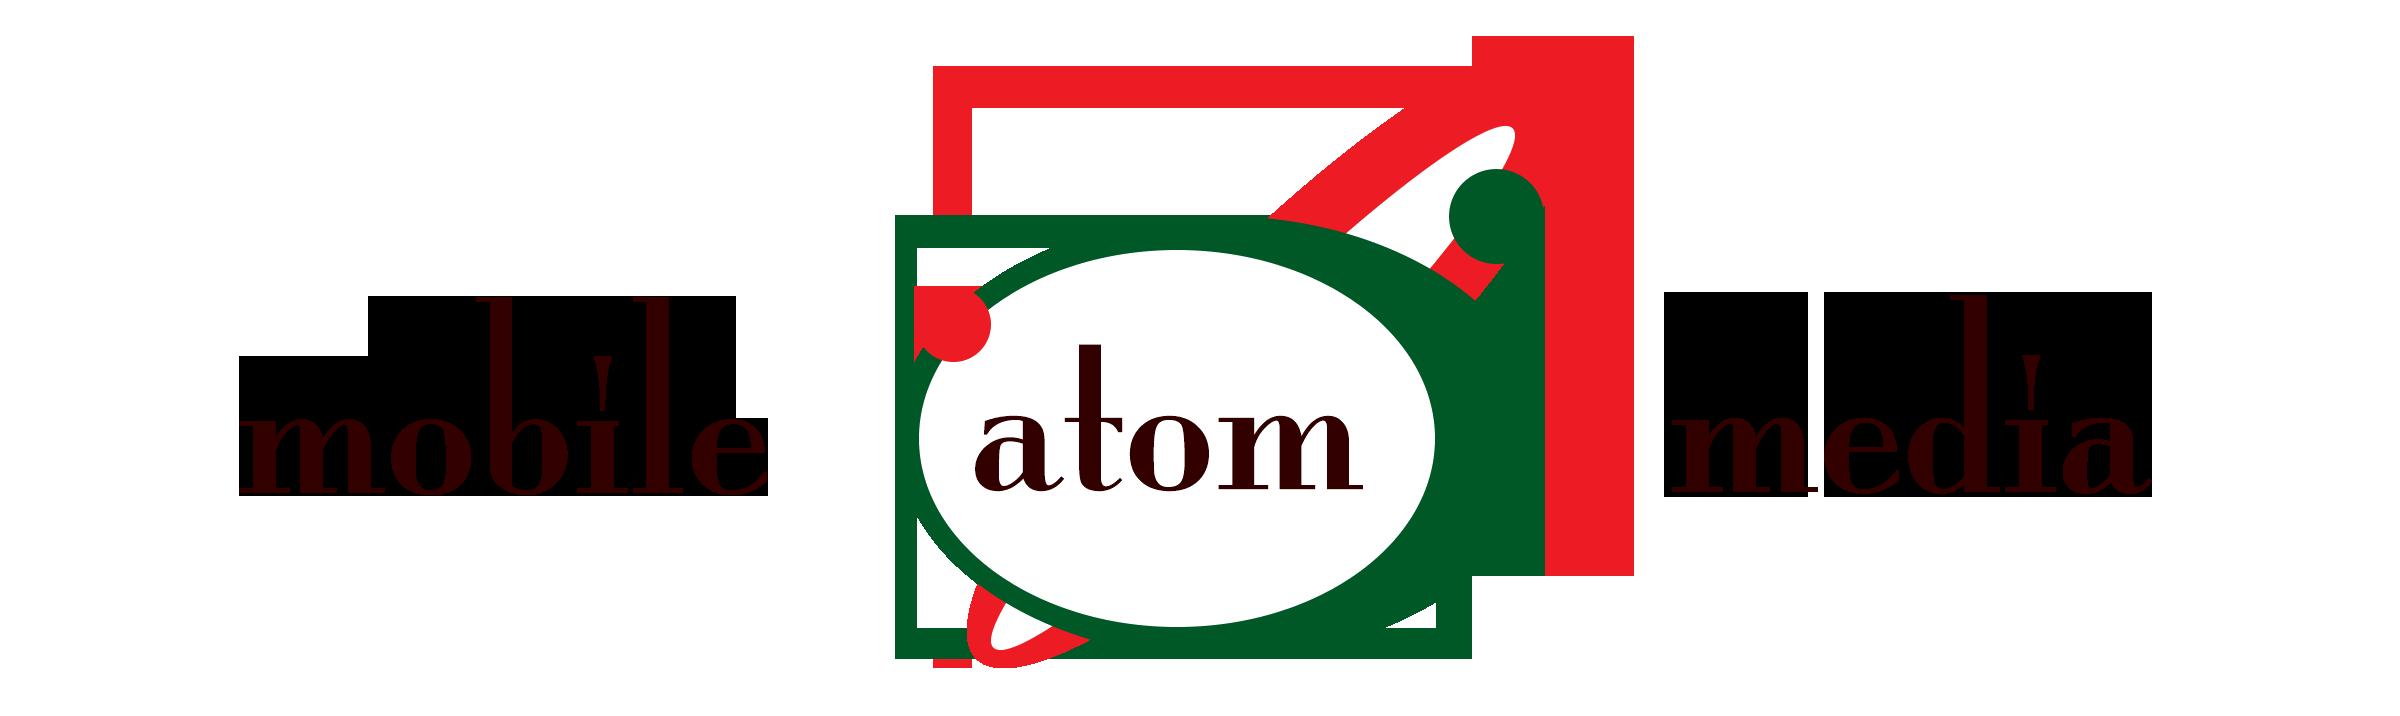 mobile-atom-media-horizontal-logo-transparent